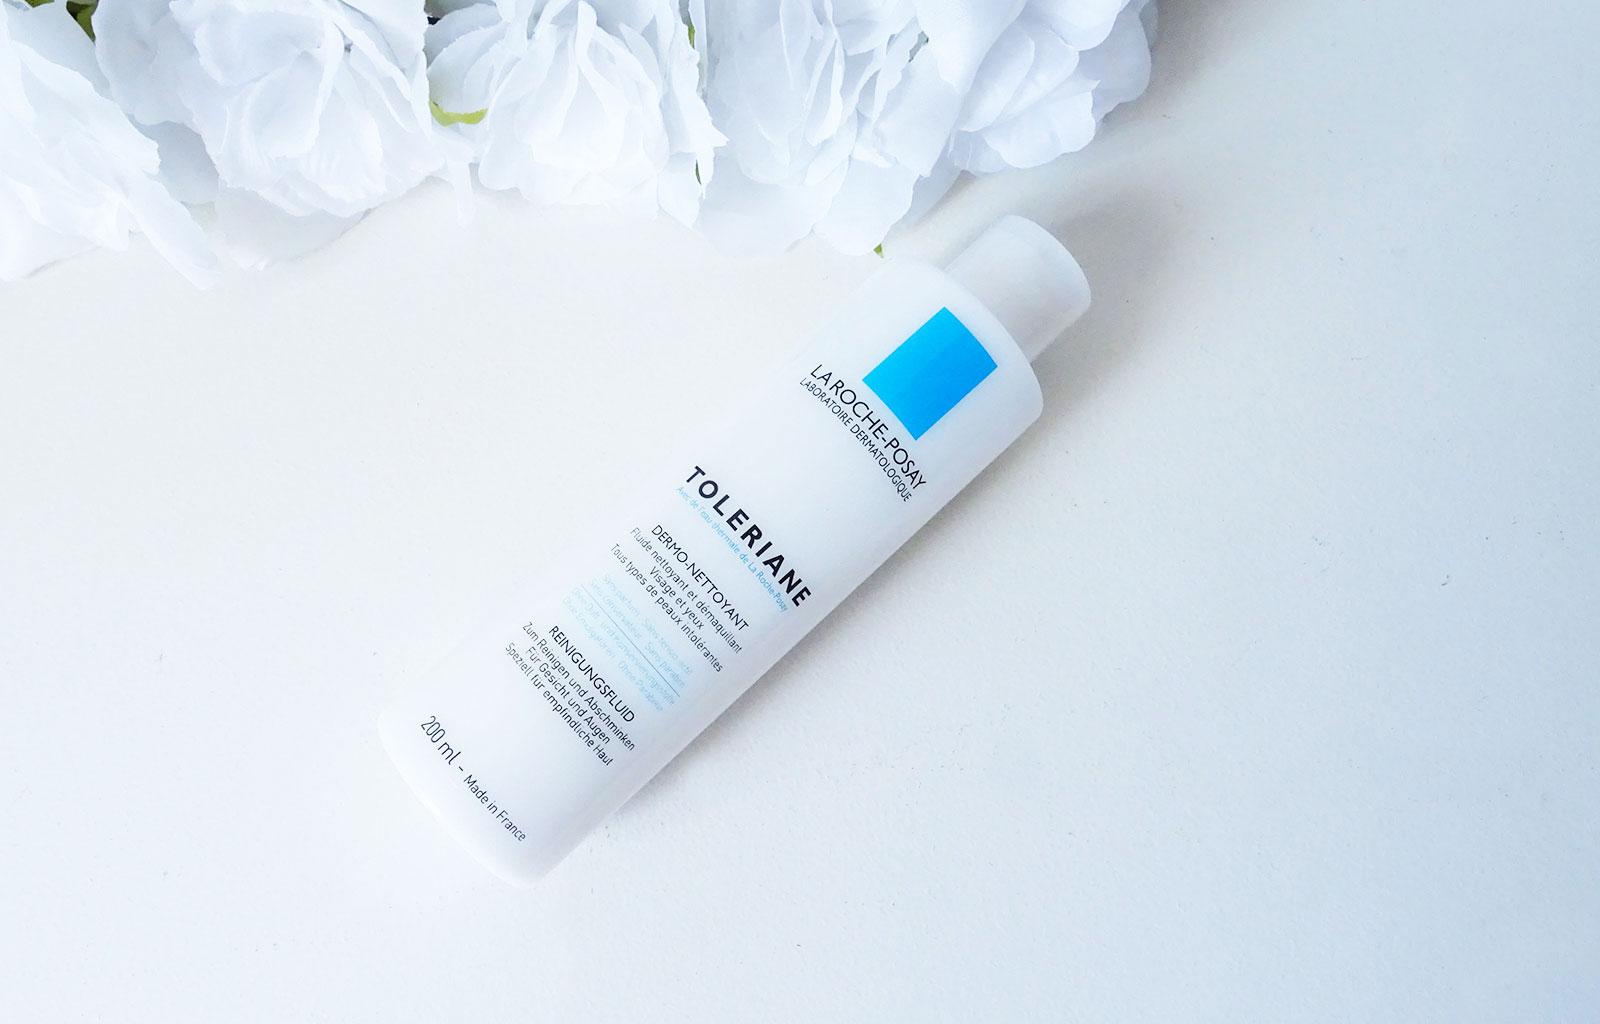 fluide dermo-nettoyant Toleriane La Roche-posay